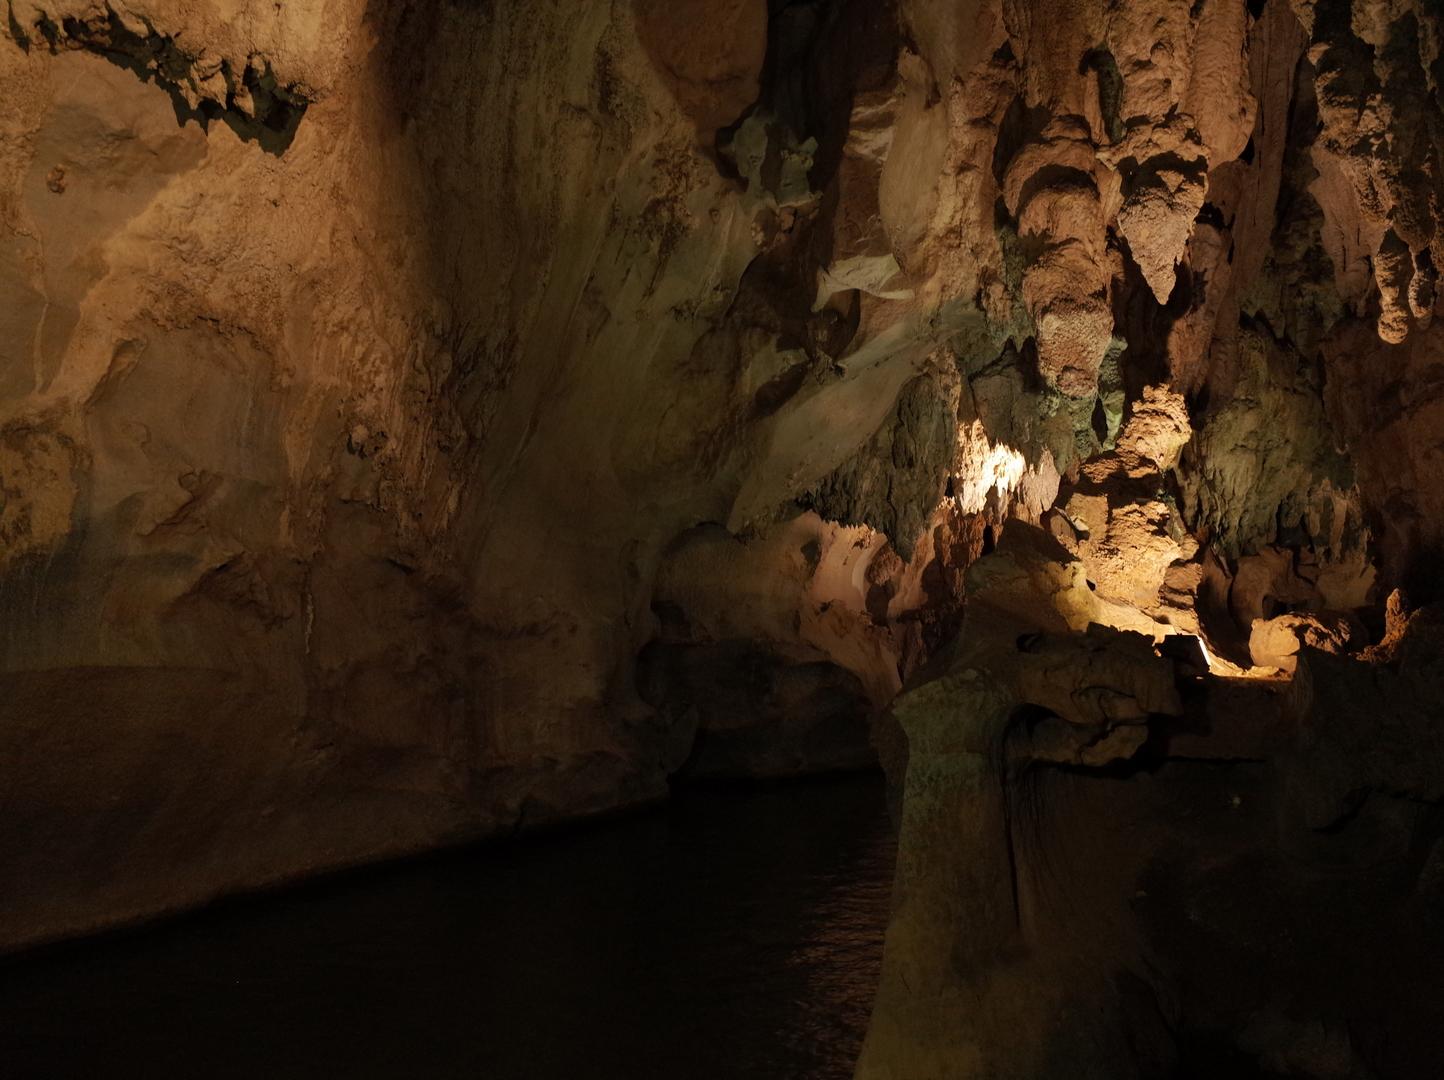 初キューバの1人旅でした。  ピニャーレスメインで葉巻工場にも行くだけだと思ってたら、かなり色々なところを回りました。洞窟好きなので洞窟がすごいよかったです。  全く私は気付かなかったのですが、ツアーで友達になったギリシャ人女性が、ツアー終了後に「ちょっとセールスっぽすぎたかな!(笑)」みたいなことを言ってました。たしかに葉巻工場での葉巻・コーヒー・ハチミツ、売店のピニャコラーダなど買えとは言われないもののすごいお勧めされました。買うときは自分で考えた方がいいと思います。ただ、葉巻に関しては本当にハバナで買うより安かったと思います。 他の移動にも私はツアー会社のバスを使ったりしてたのですが、そのときも休憩所のドリンクオススメされたので、キューバではそれが当たり前なのかもしれません。観光業で稼いでる国でしょうからそんなもんなのかも。「こんなのもあるよーおすすめ!」みたいな感じで、押し売りはされないので安心してください。  じっくり見て回ることはできませんが、1日で色んなところを回れるので日程が詰まってる人にはいいと思います。  英語でちゃんと説明してくれますが、キューバ人の人柄なのか、日本よりも同意を求めるというかしっかりこっちを見て話して反応を見ようとするので、英語もちょっと…て感じだと気まずくなるかもしれません(笑)